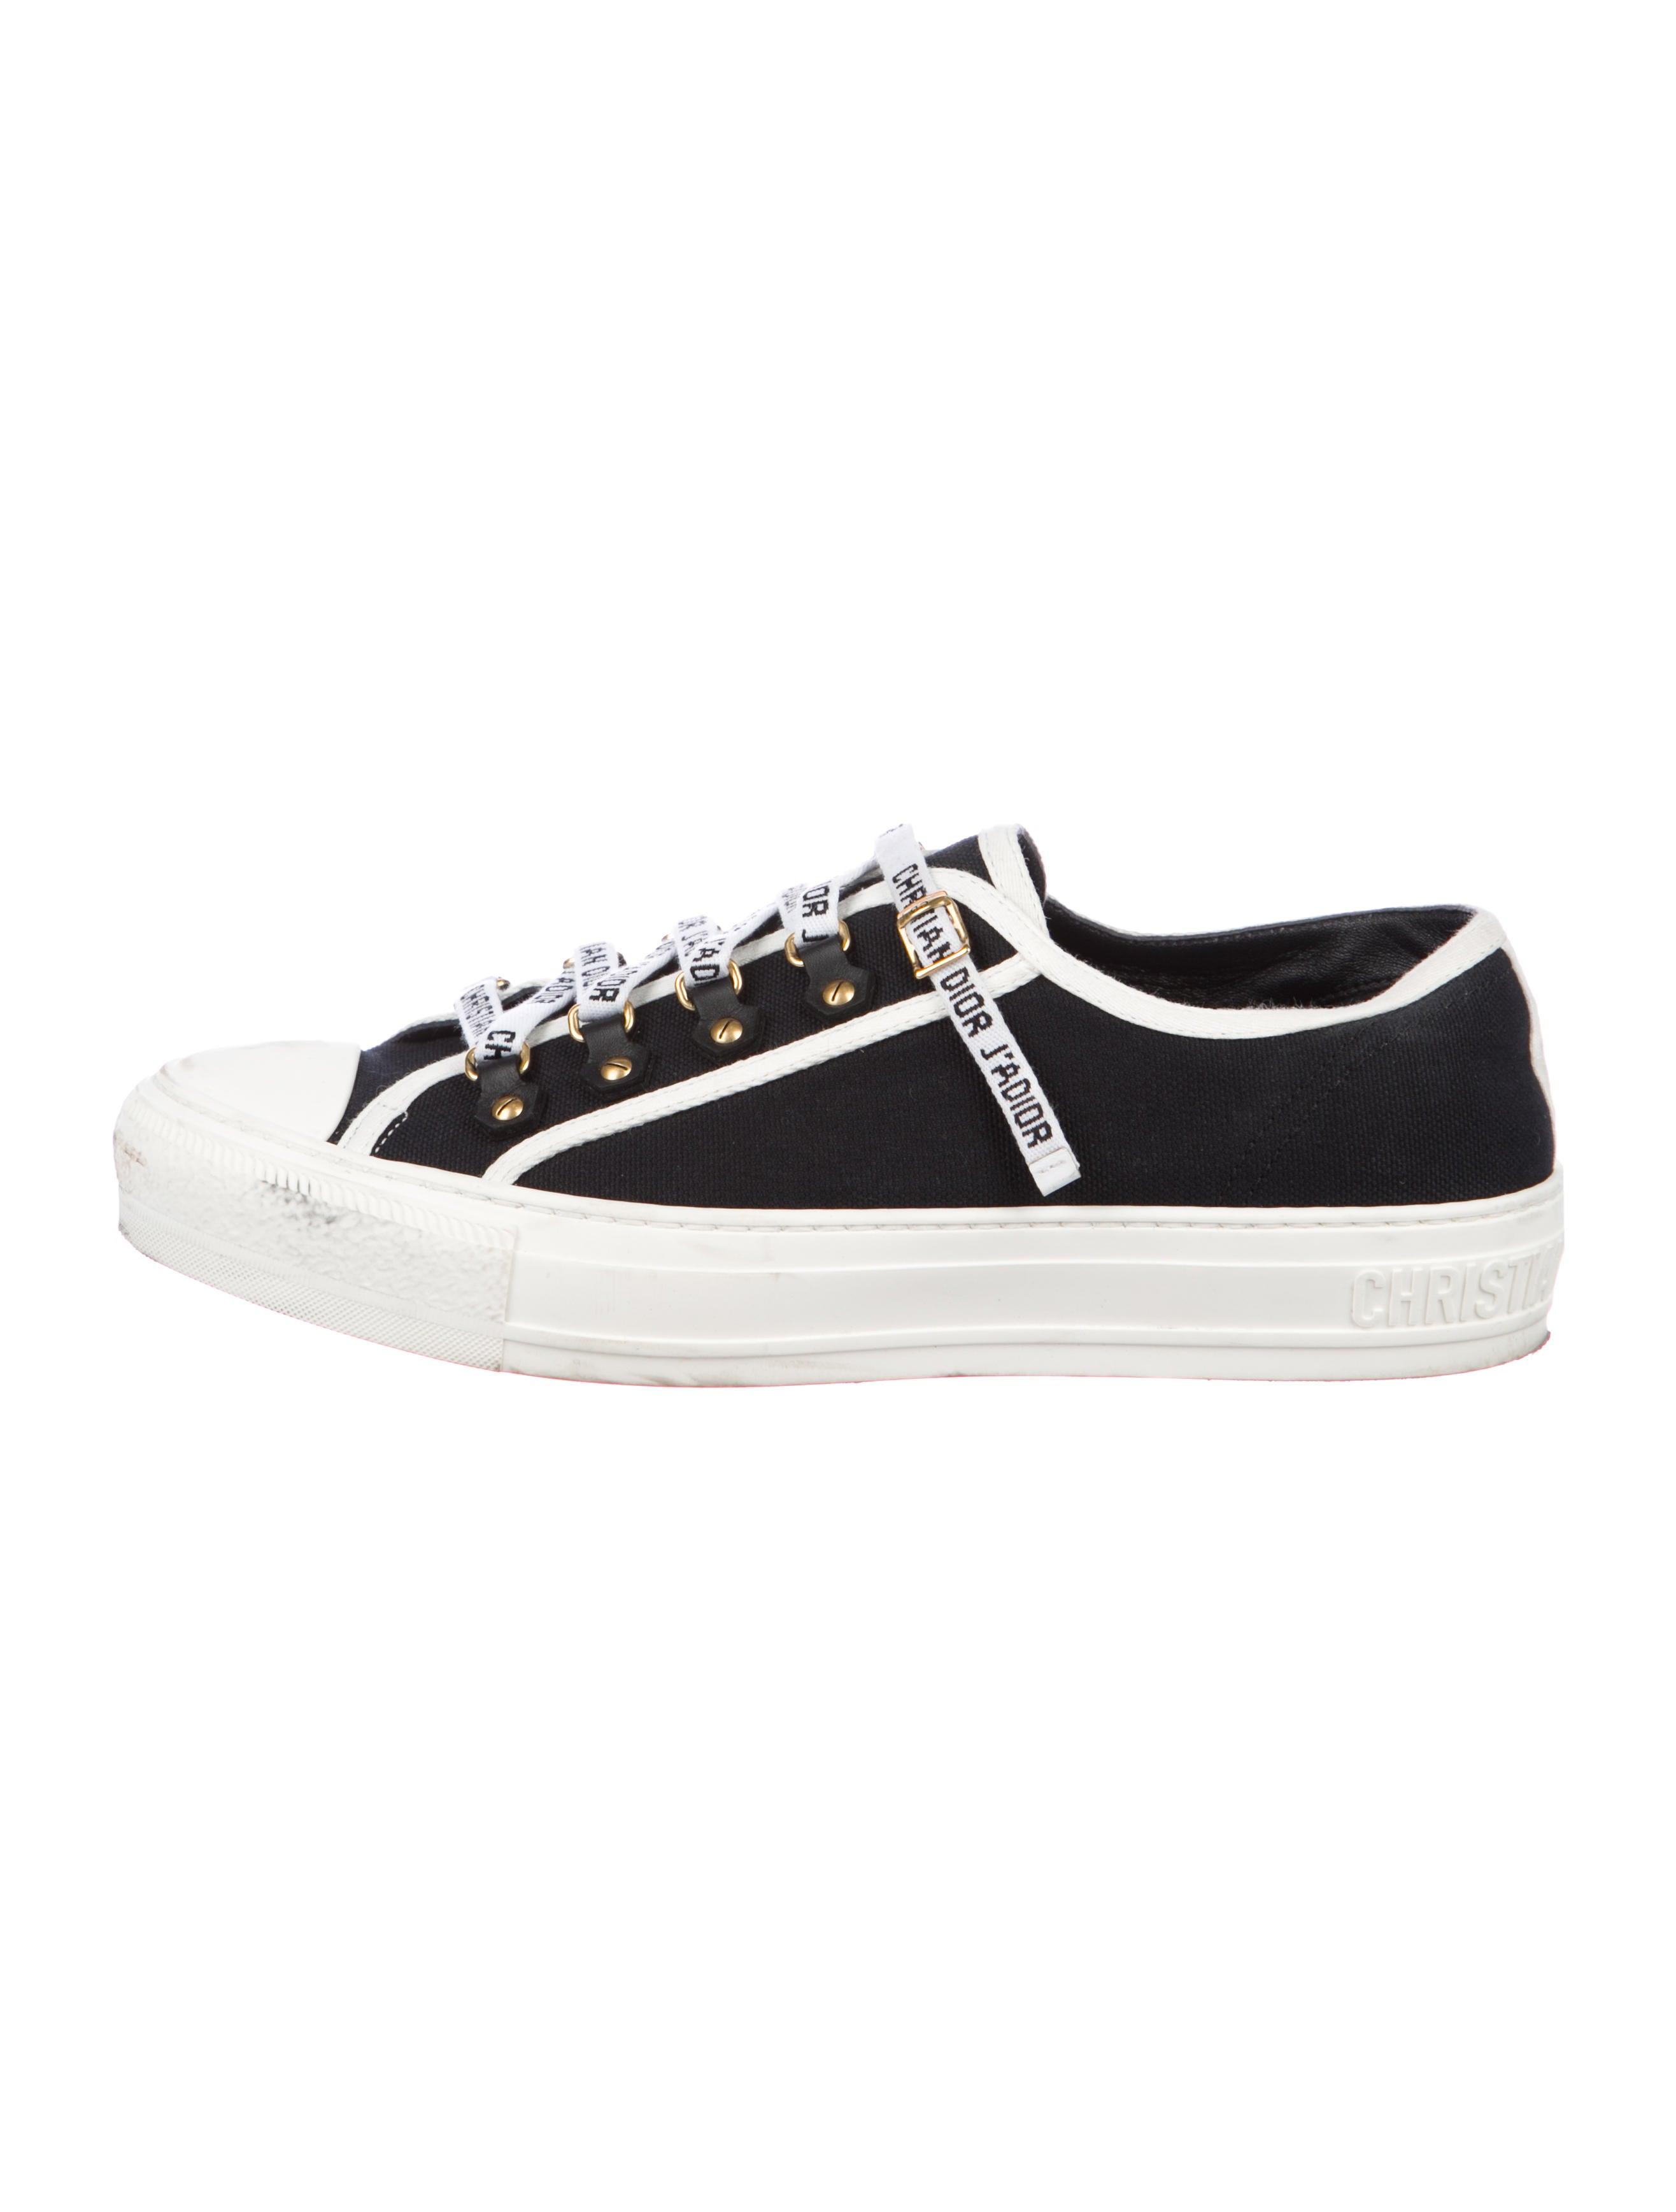 1b3806e1f9749 Christian Dior Walk N Dior Sneakers - Shoes - CHR83080